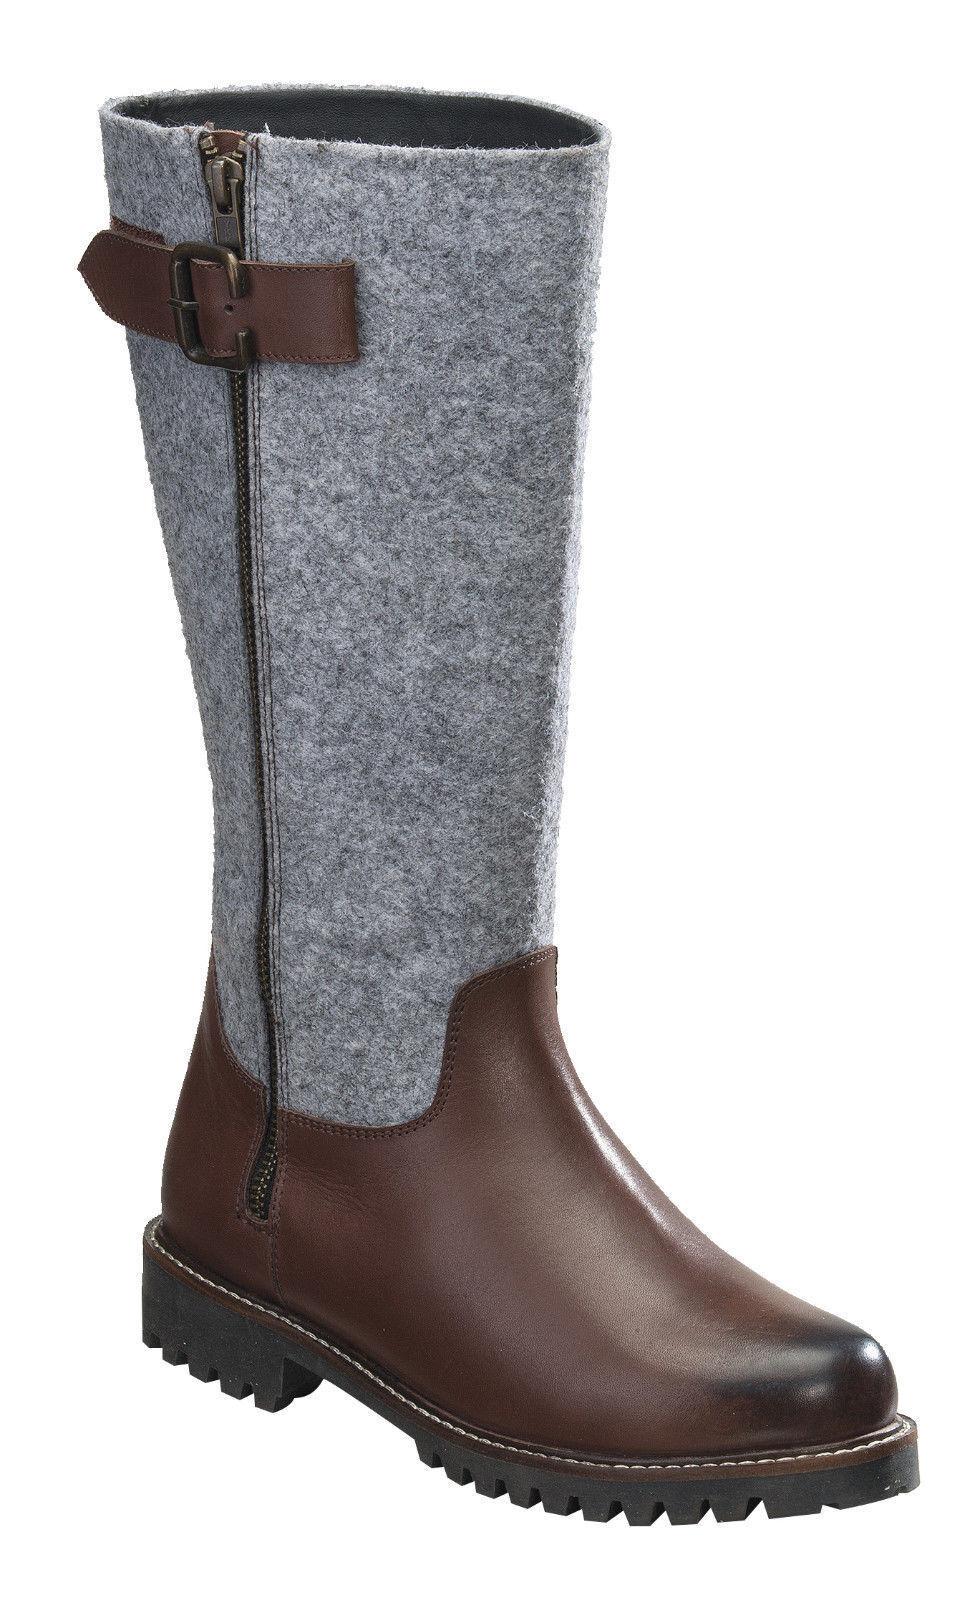 kvinnor Dress stövlar Genuine läder filzschaft, vinterstövlar, röducerade - 20%